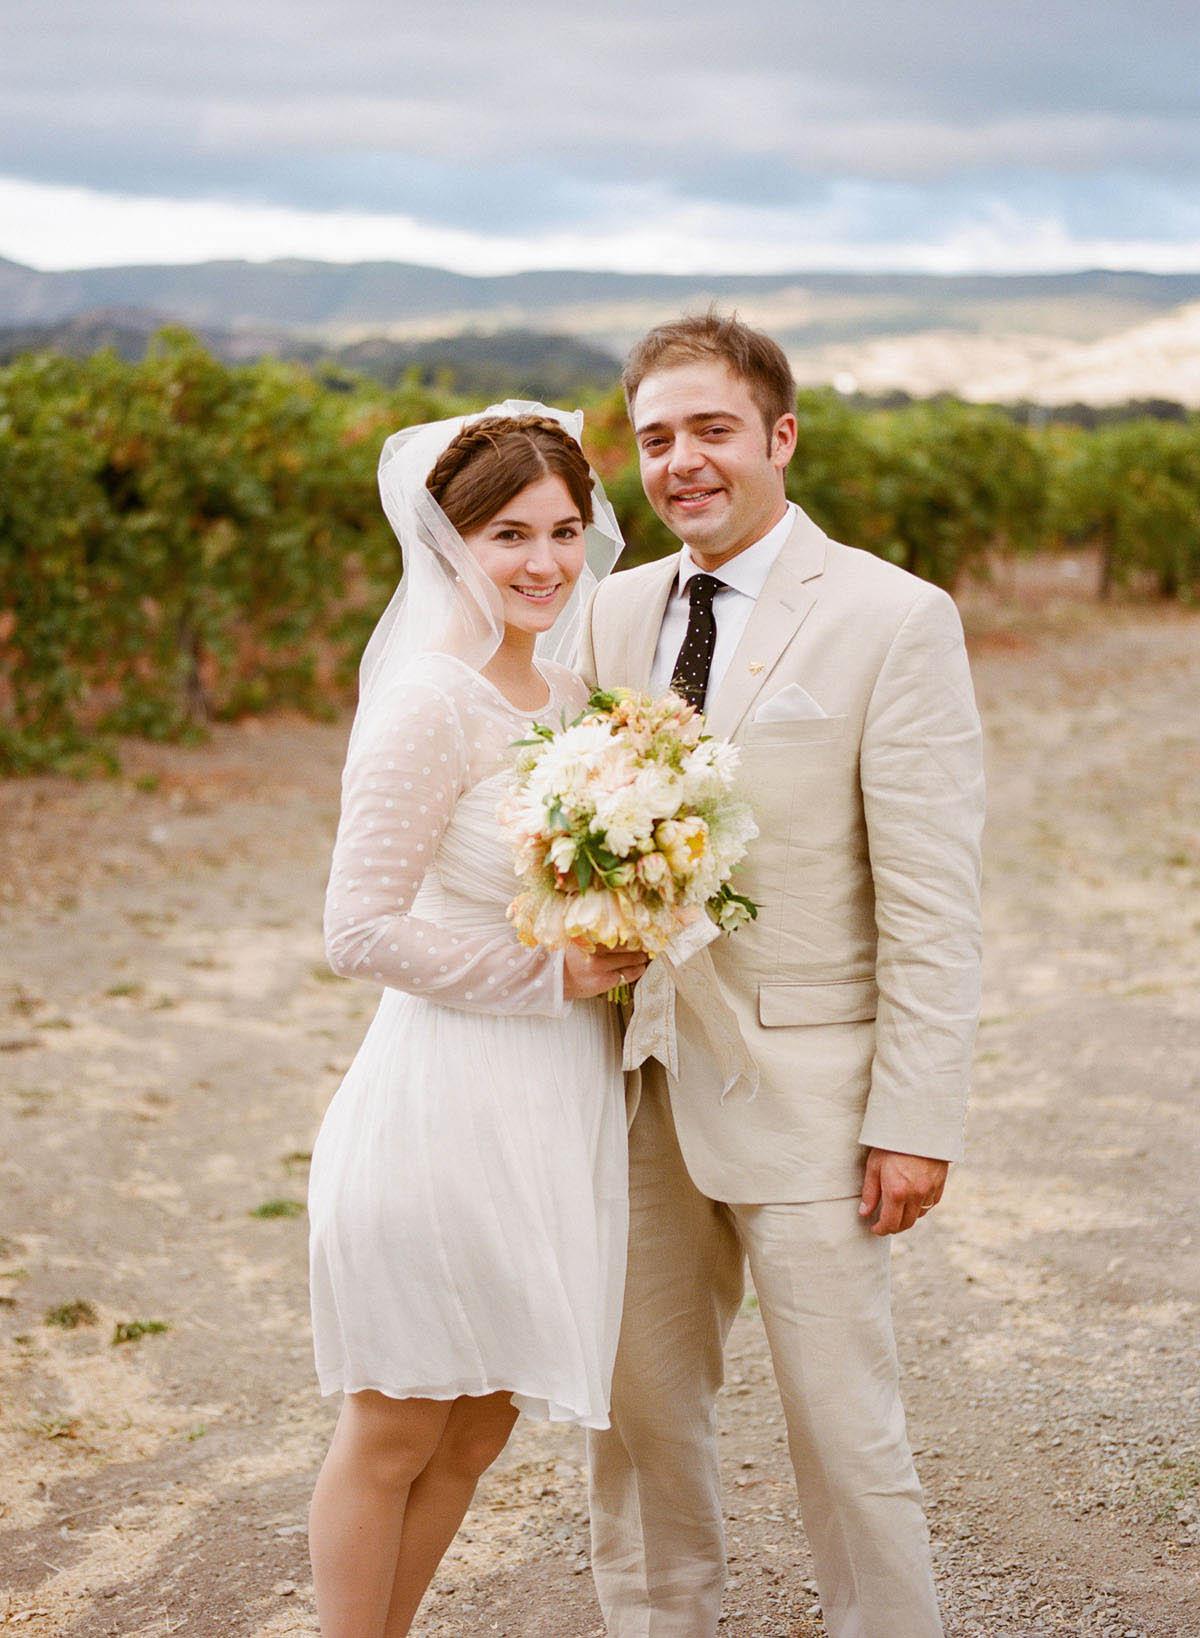 27-bride-groom-portrait-vineyards.jpg